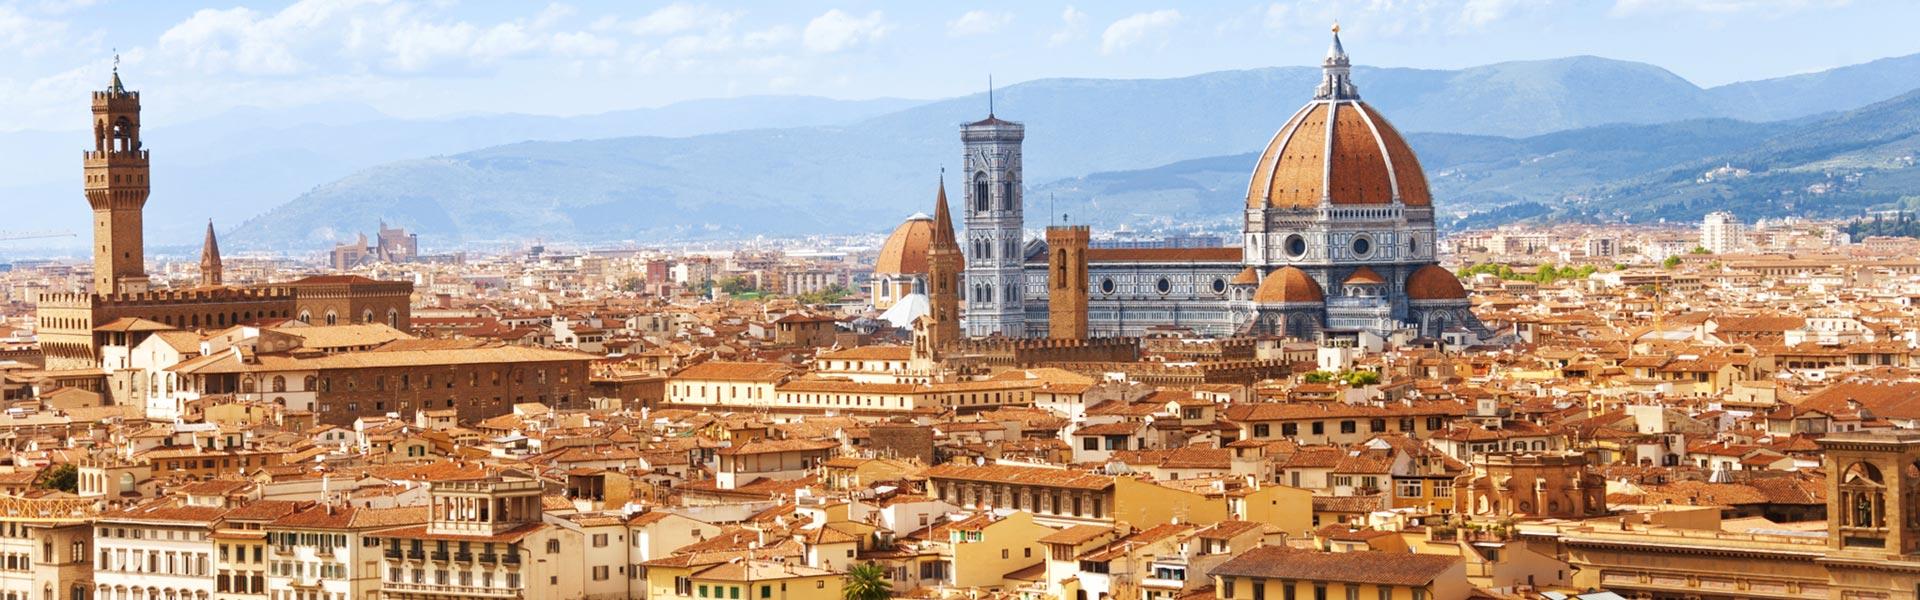 Agenzia viaggi Firenze - Chi Siamo